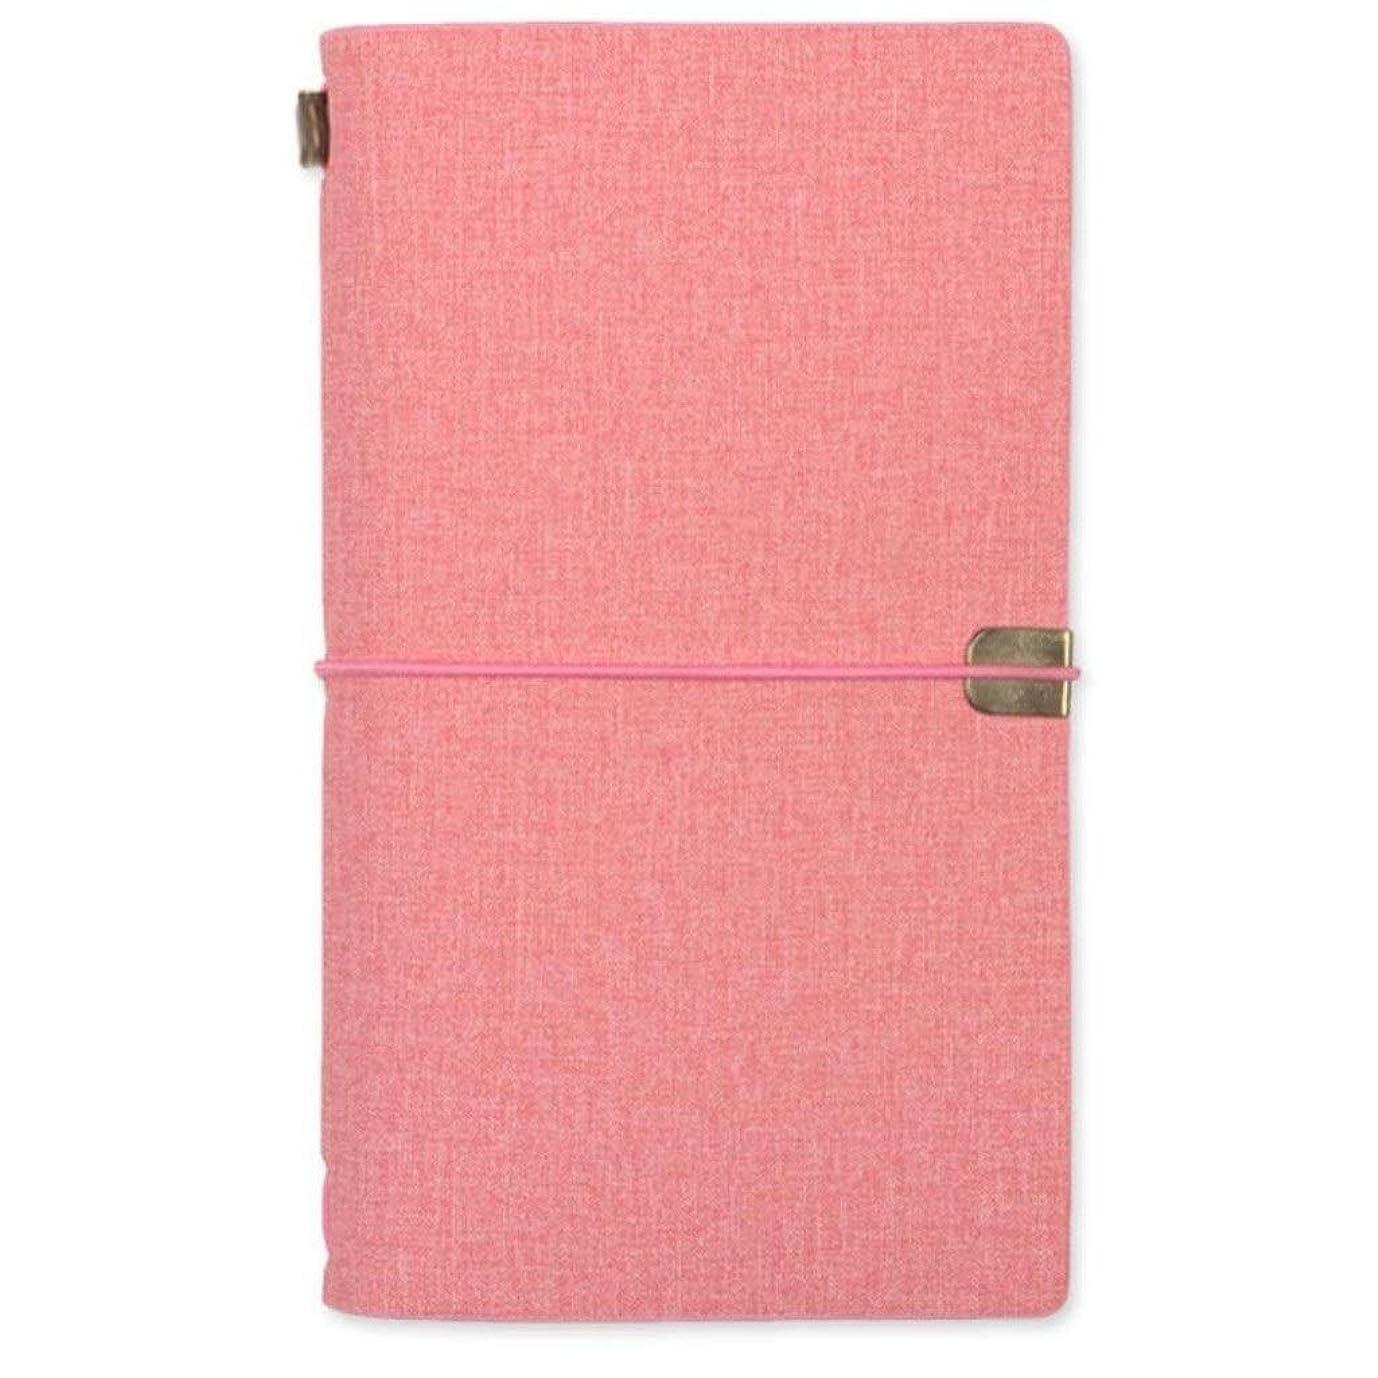 首謀者港和書き込み メモリーブック、ノートブックA6、ルーズリーフハンドブッククリエイティブハンドブックダイアリーブックビジネス、3個 学生の (Color : Pink)